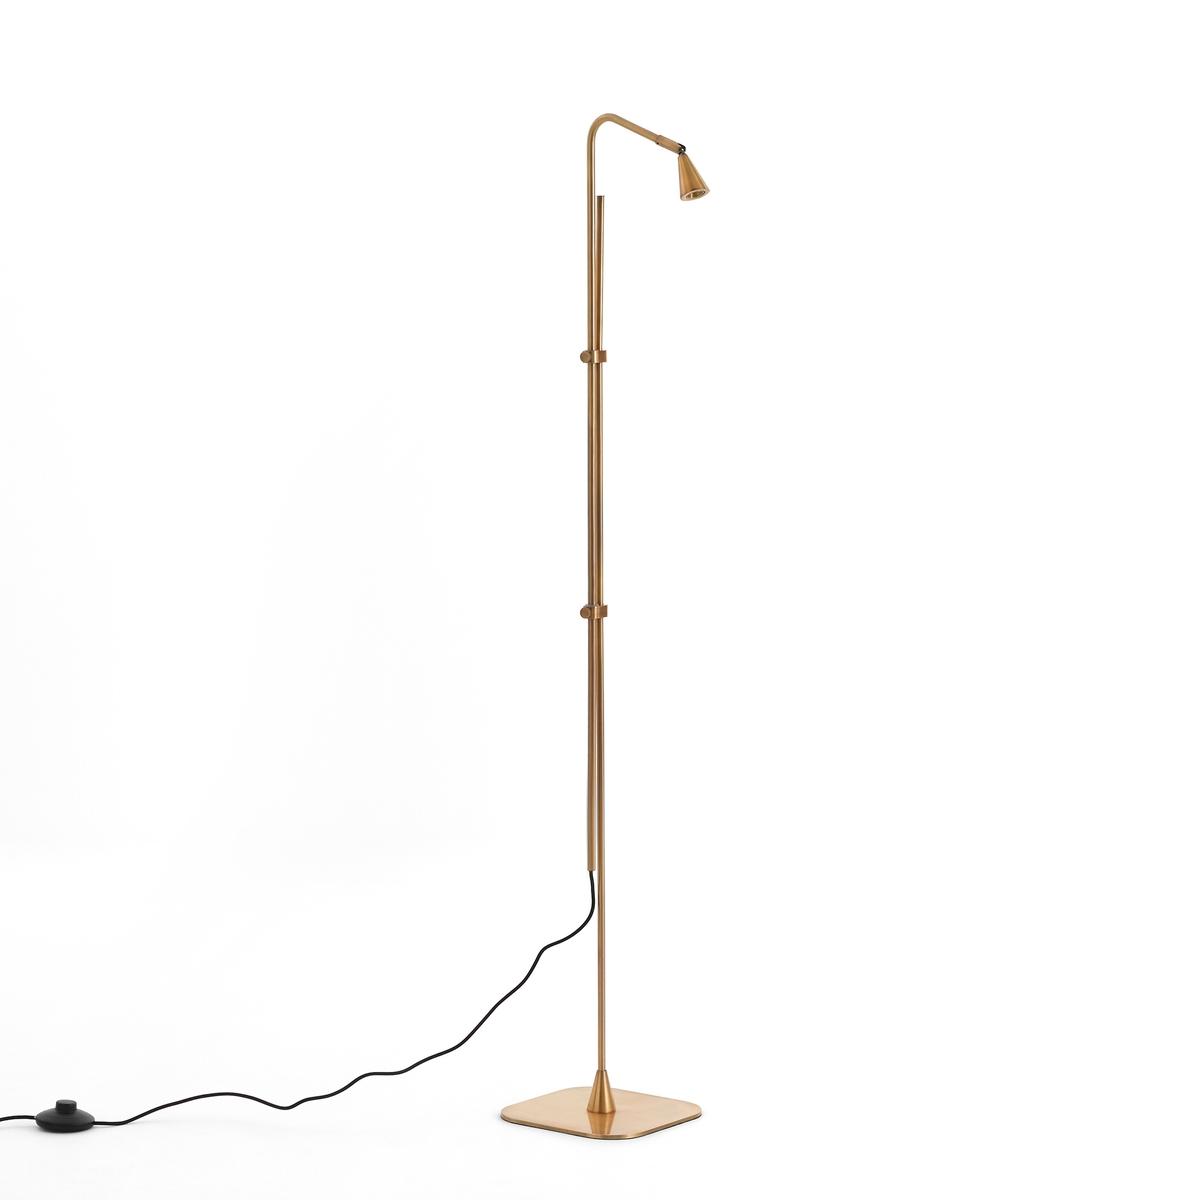 Лампа для чтения тонкая RoslynЛампа для чтения Roslyn. Благодаря своей тонкой структуре лампа легко устанавливается около дивана или кресла, чтобы обеспечить прицельный свет, регулируя высоту.Характеристики :- Из латуни- Регулируемая высота - Патрон LED 3,5W (не сменный)Размер :- В макс. 131,5 см- Основание : 20 x 20 см.- Абажур ?3,5 x В.5 см.Размеры и вес ящика :- Ш27,5 x В120 x Г11 см, 3,5 кг и Ш29 x В122 x Г24, 8,2кгДоставка :Товар может быть доставлен до двери по предварительной договоренности!Внимание ! Убедитесь в том, что товар возможно доставить на дом, учитывая его габариты (проходит в двери, по лестницам, в лифты).<br><br>Цвет: латунь